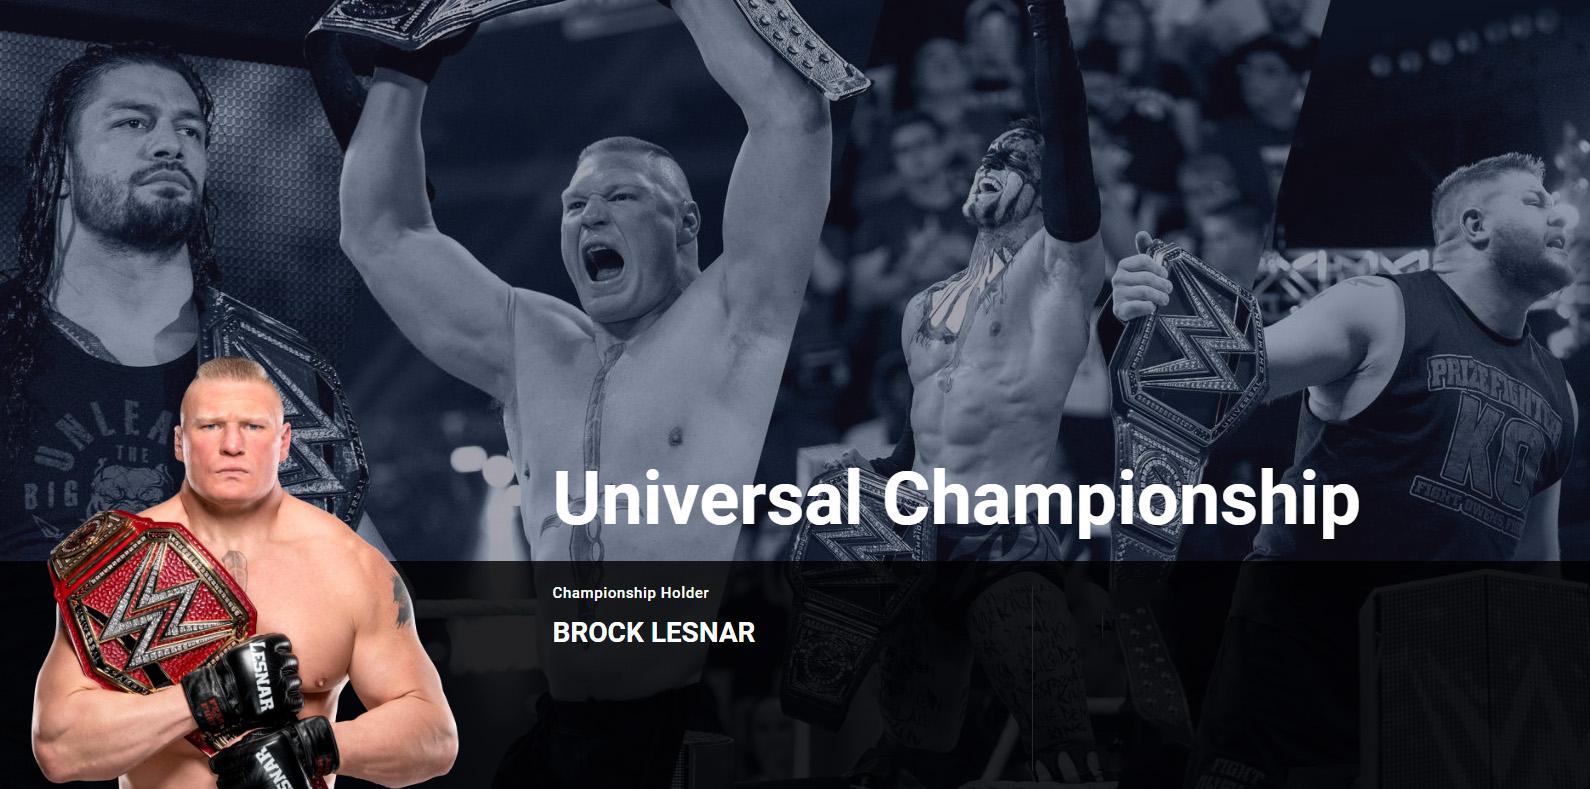 WWE环球冠军腰带